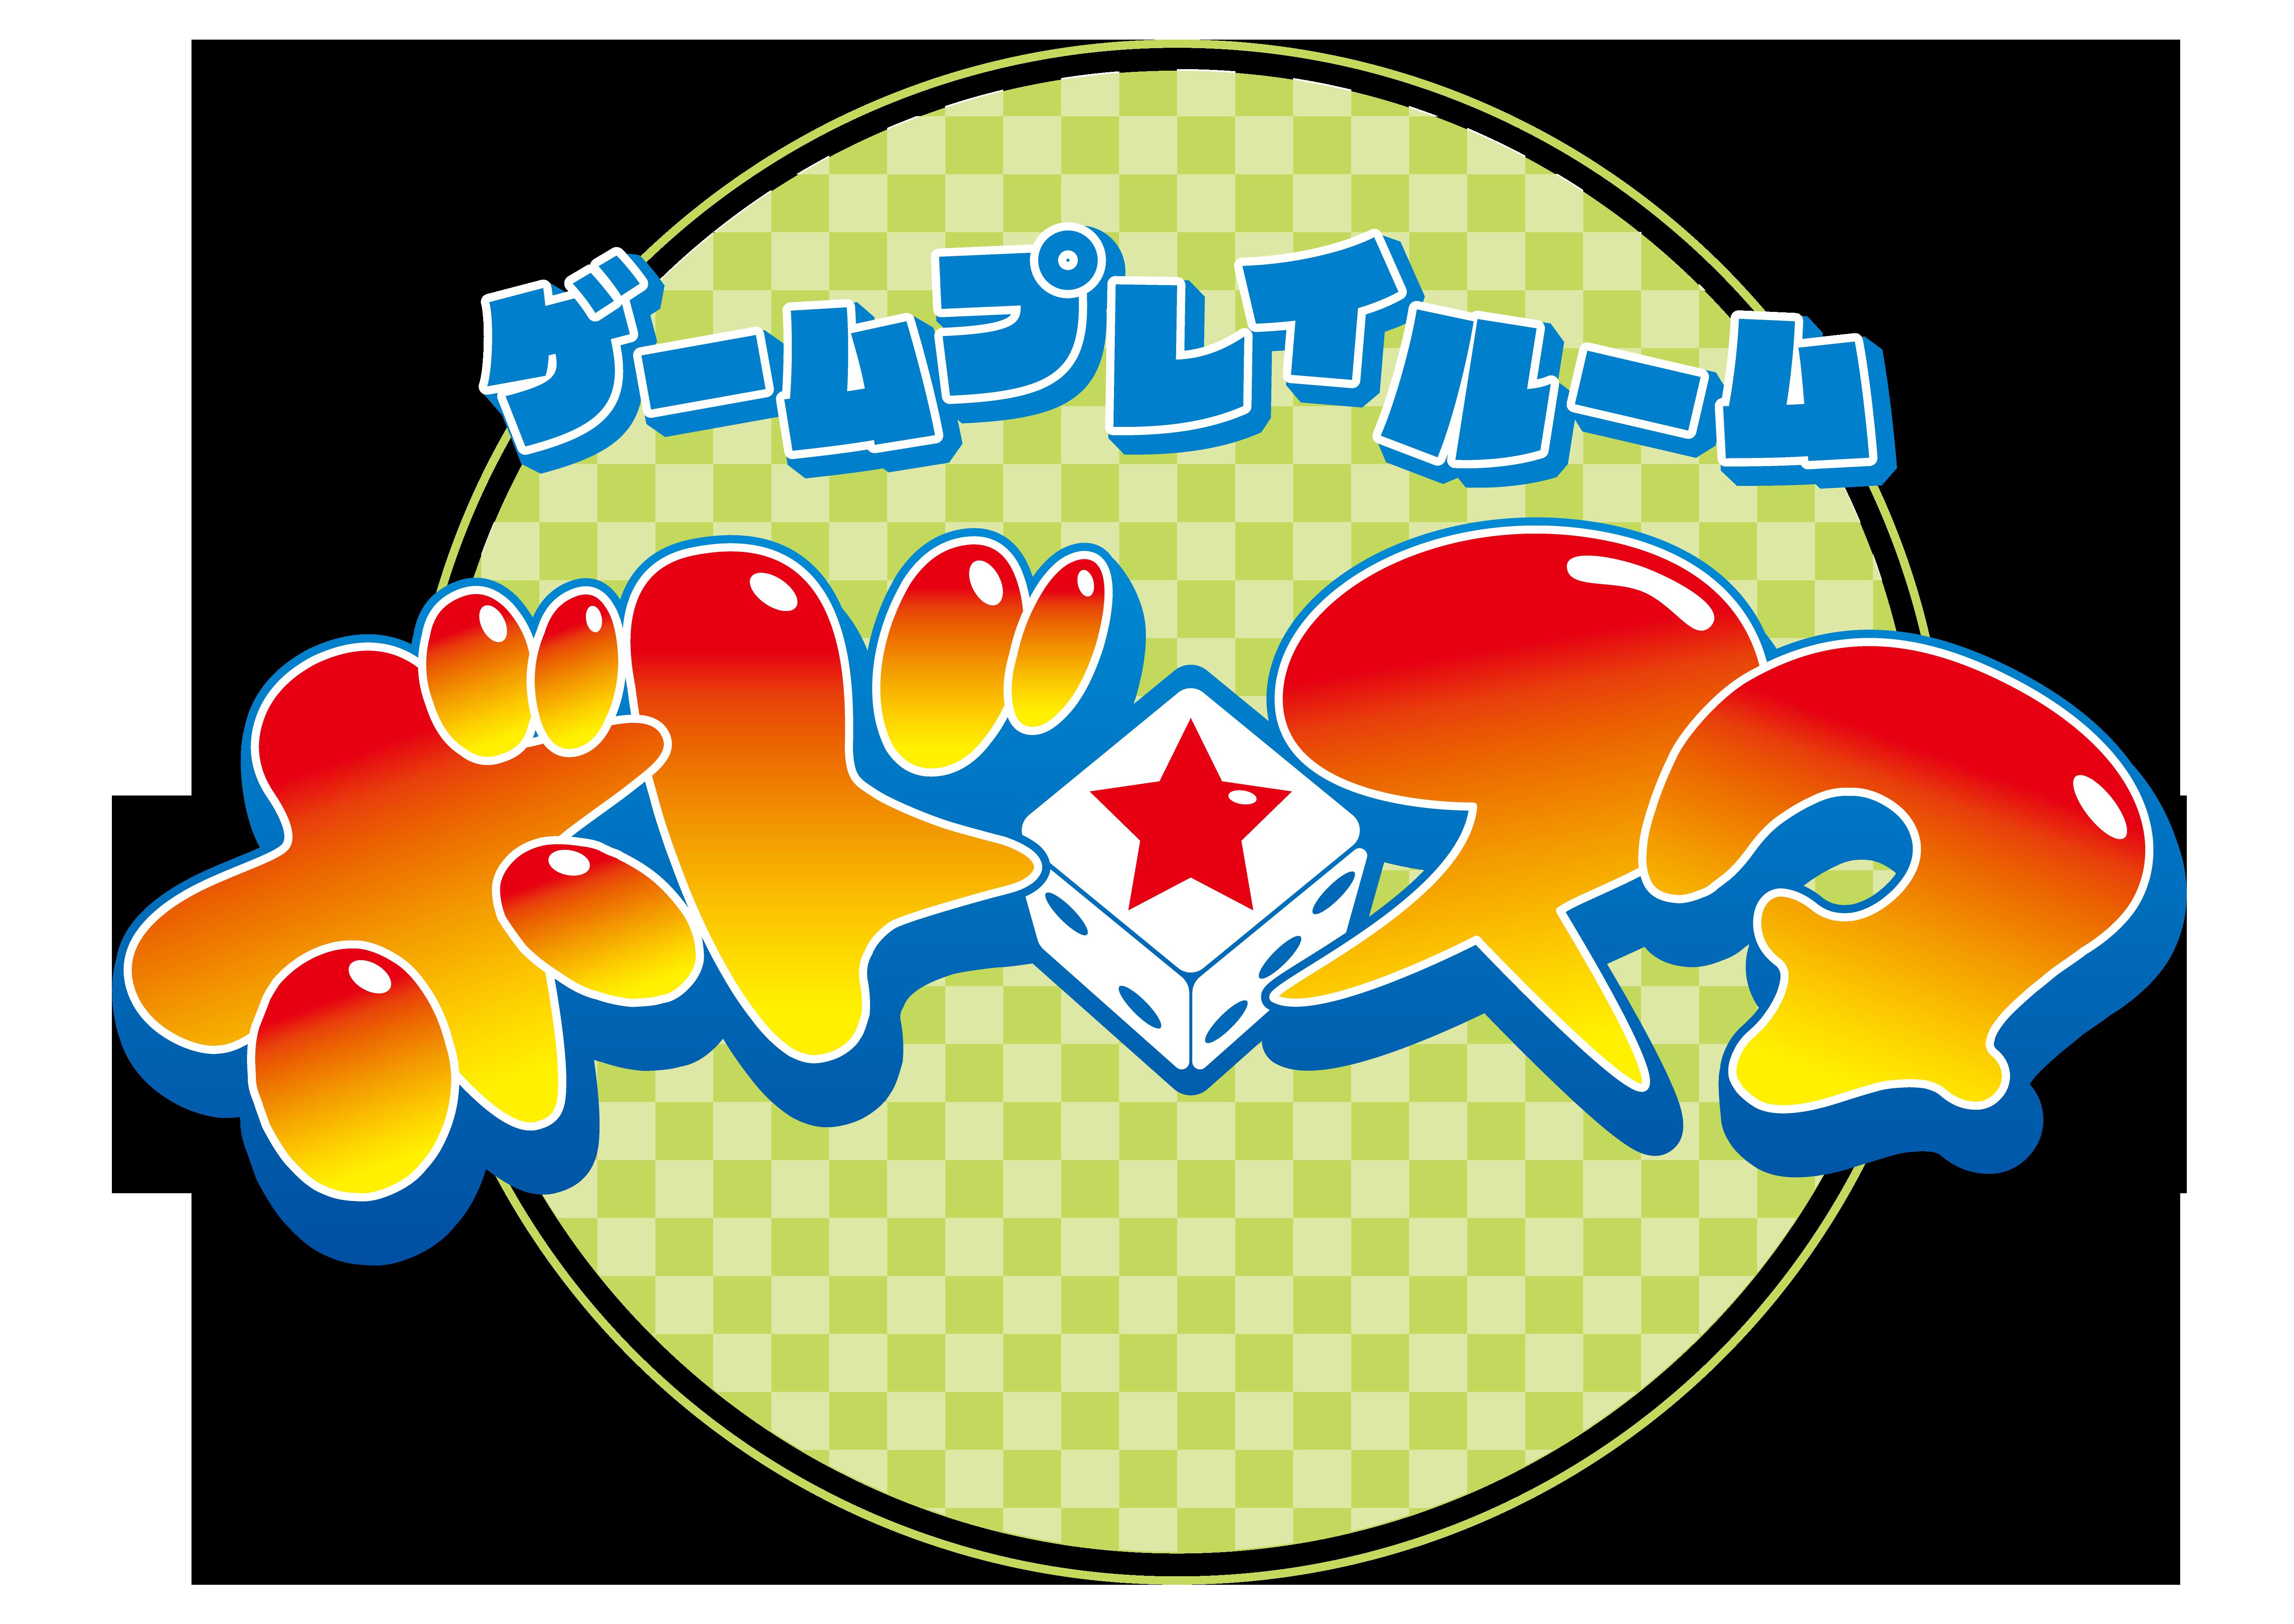 ゲームプレイルーム ボド☆スタ(ゲームプレイルーム ボドスタ)